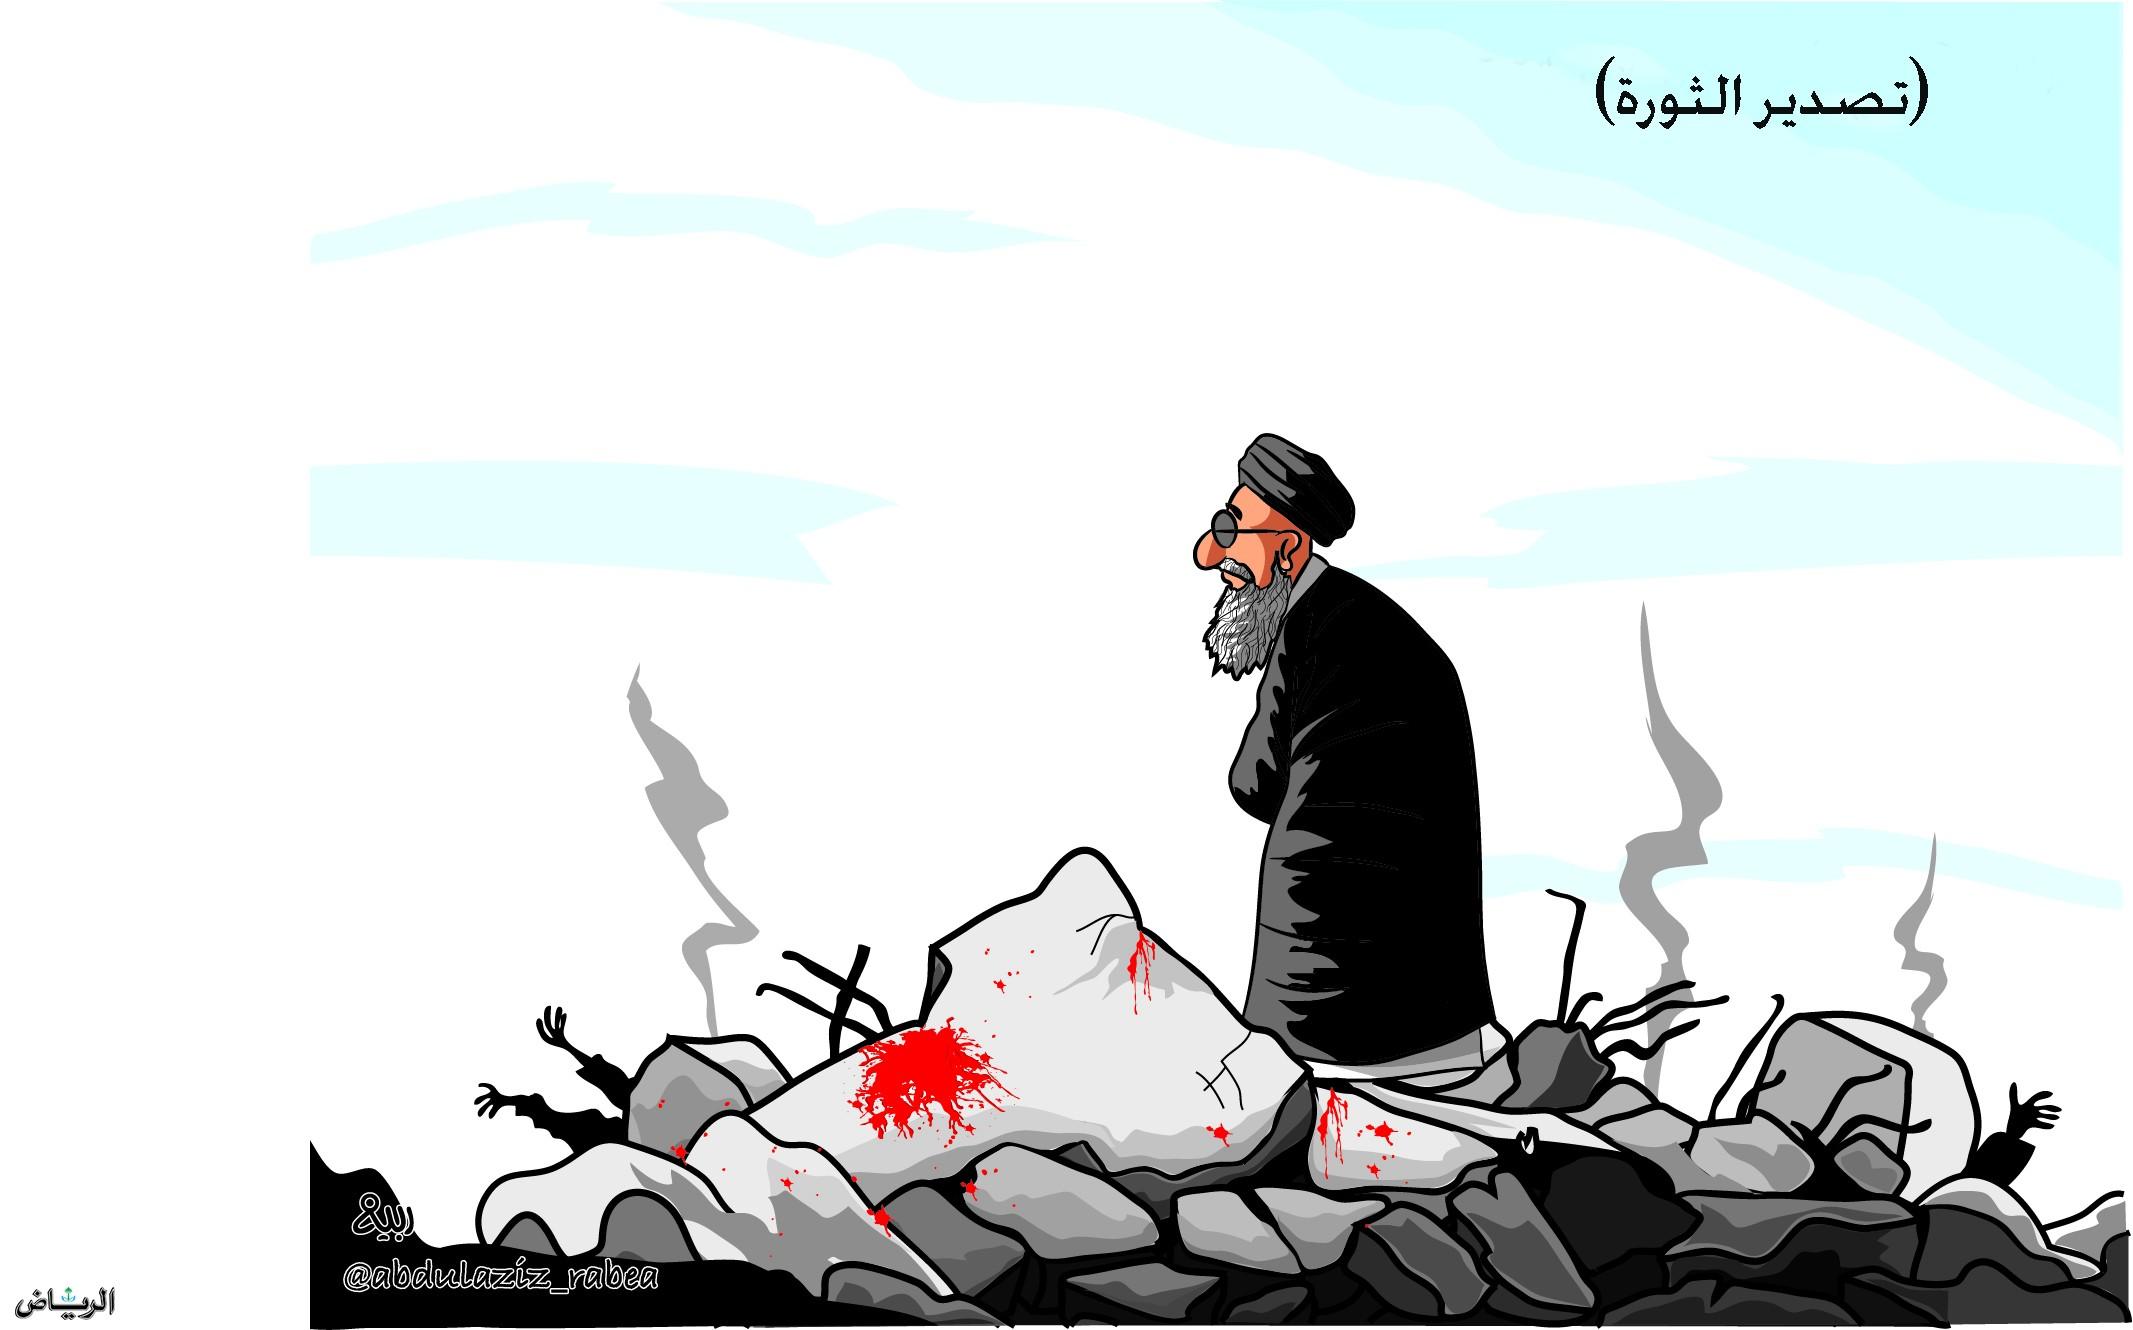 الإرهاب يصدر الثورات تدمير البلاد